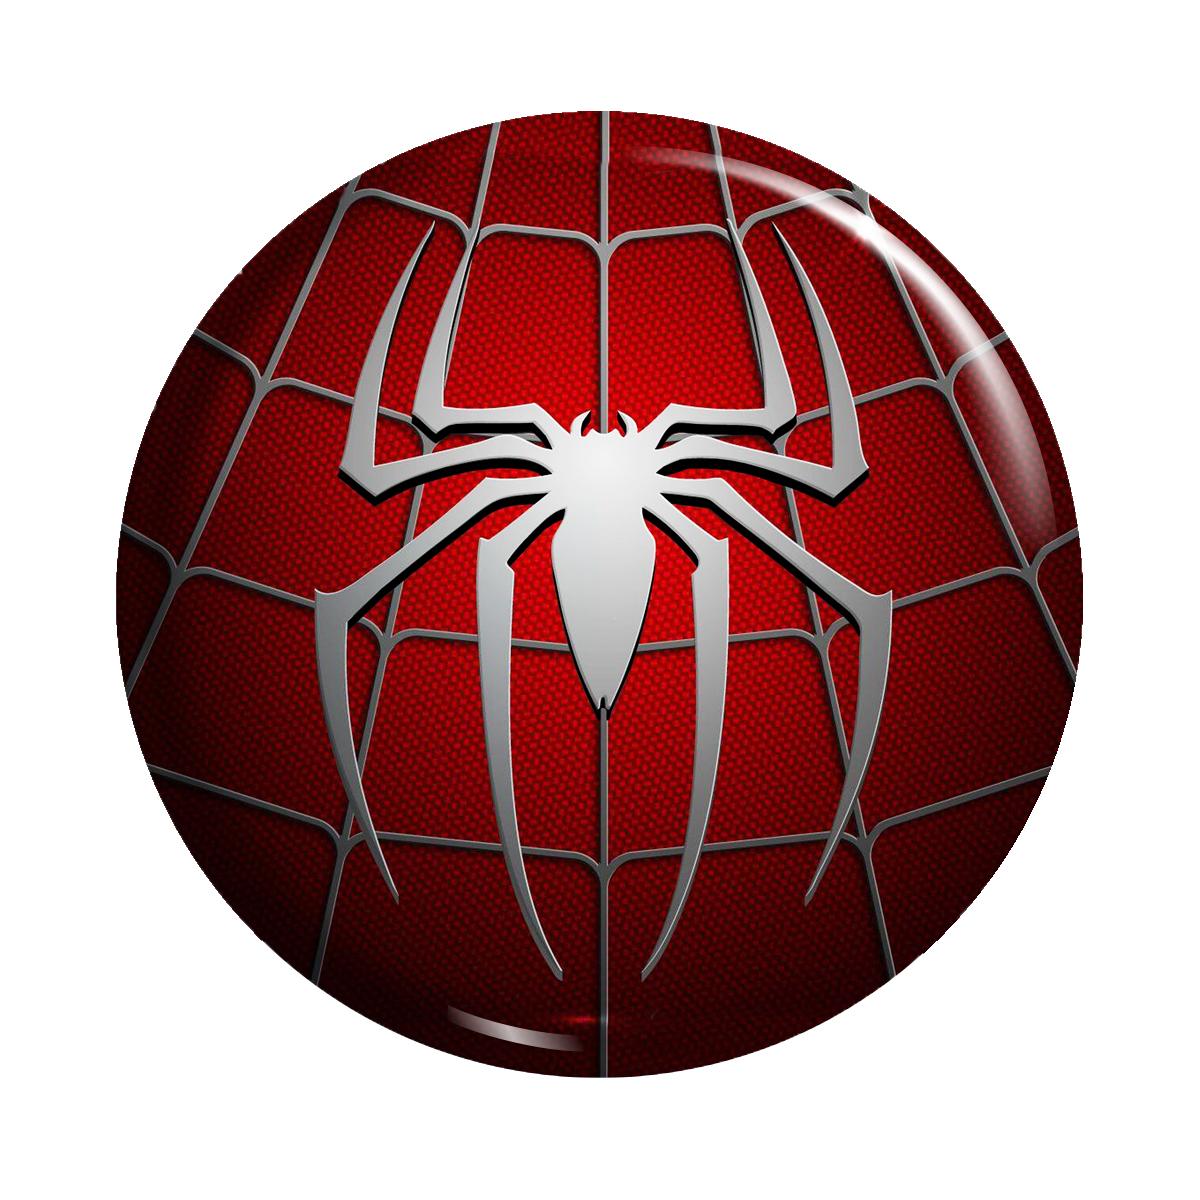 عکس پیکسل تیداکس مدل اسپایدرمن مرد عنکبوتی کد TiD103